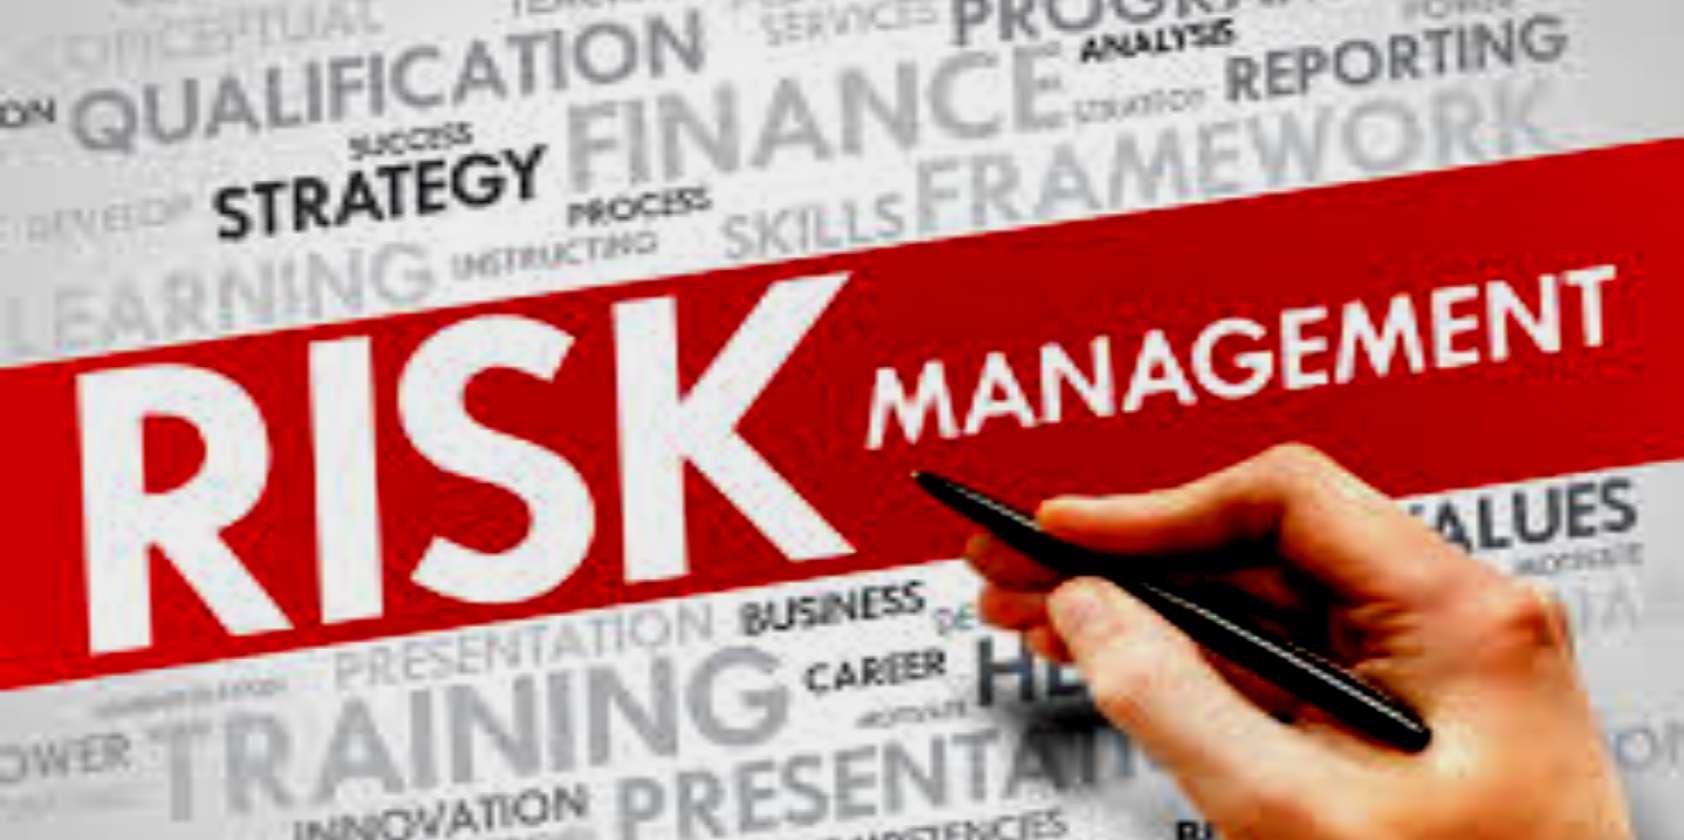 Education: Risk Management Course